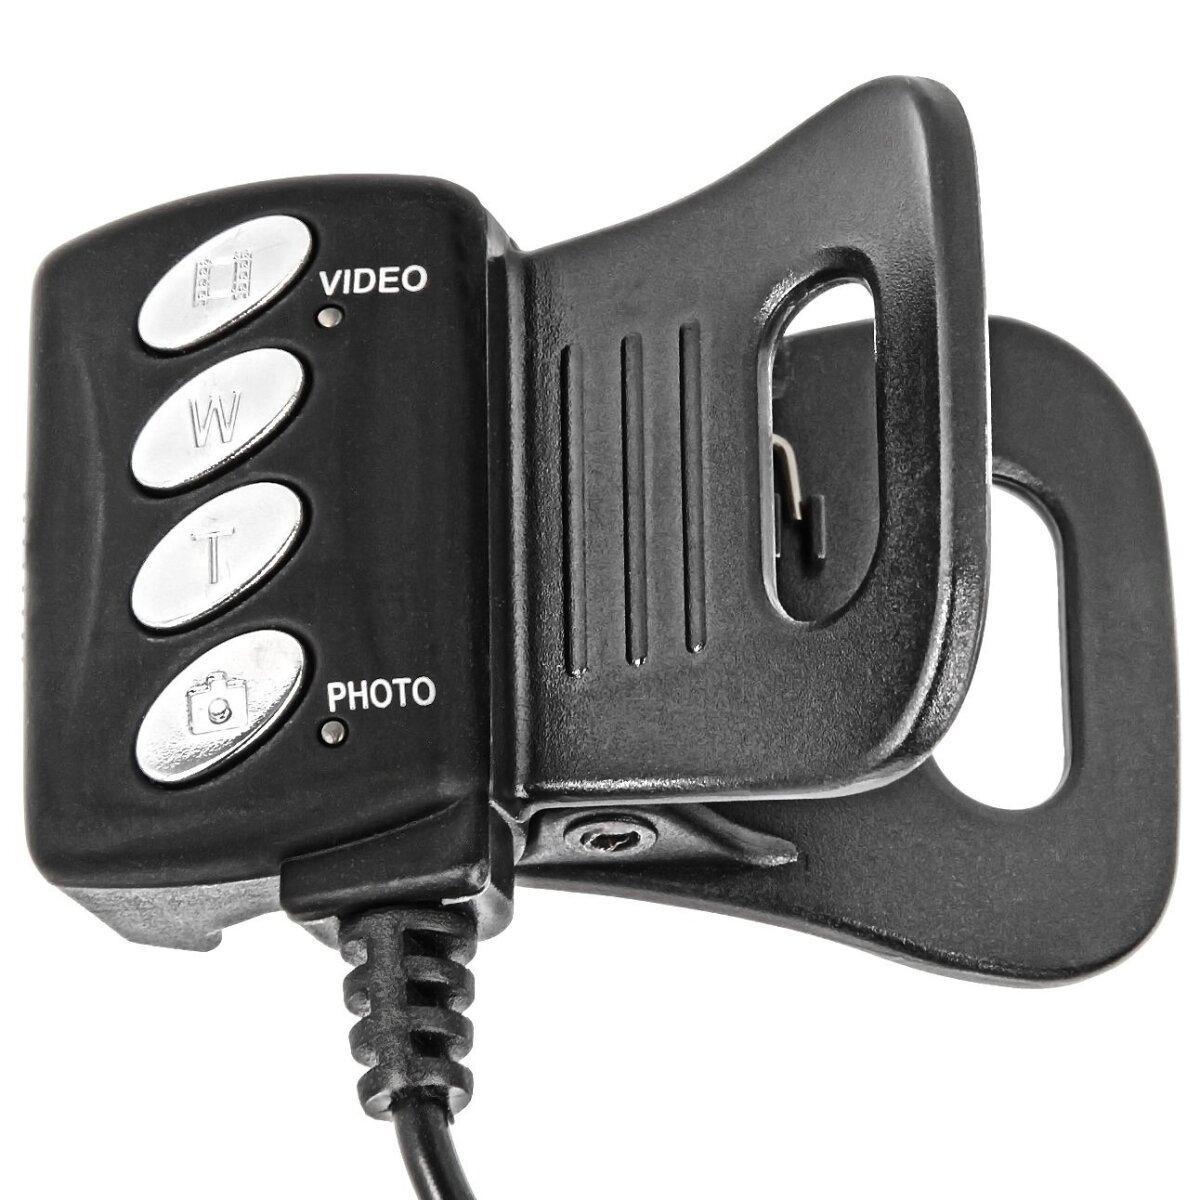 Video-Fernsteuerung kompatibel für Sony Camcorder mit A/V Anschluss